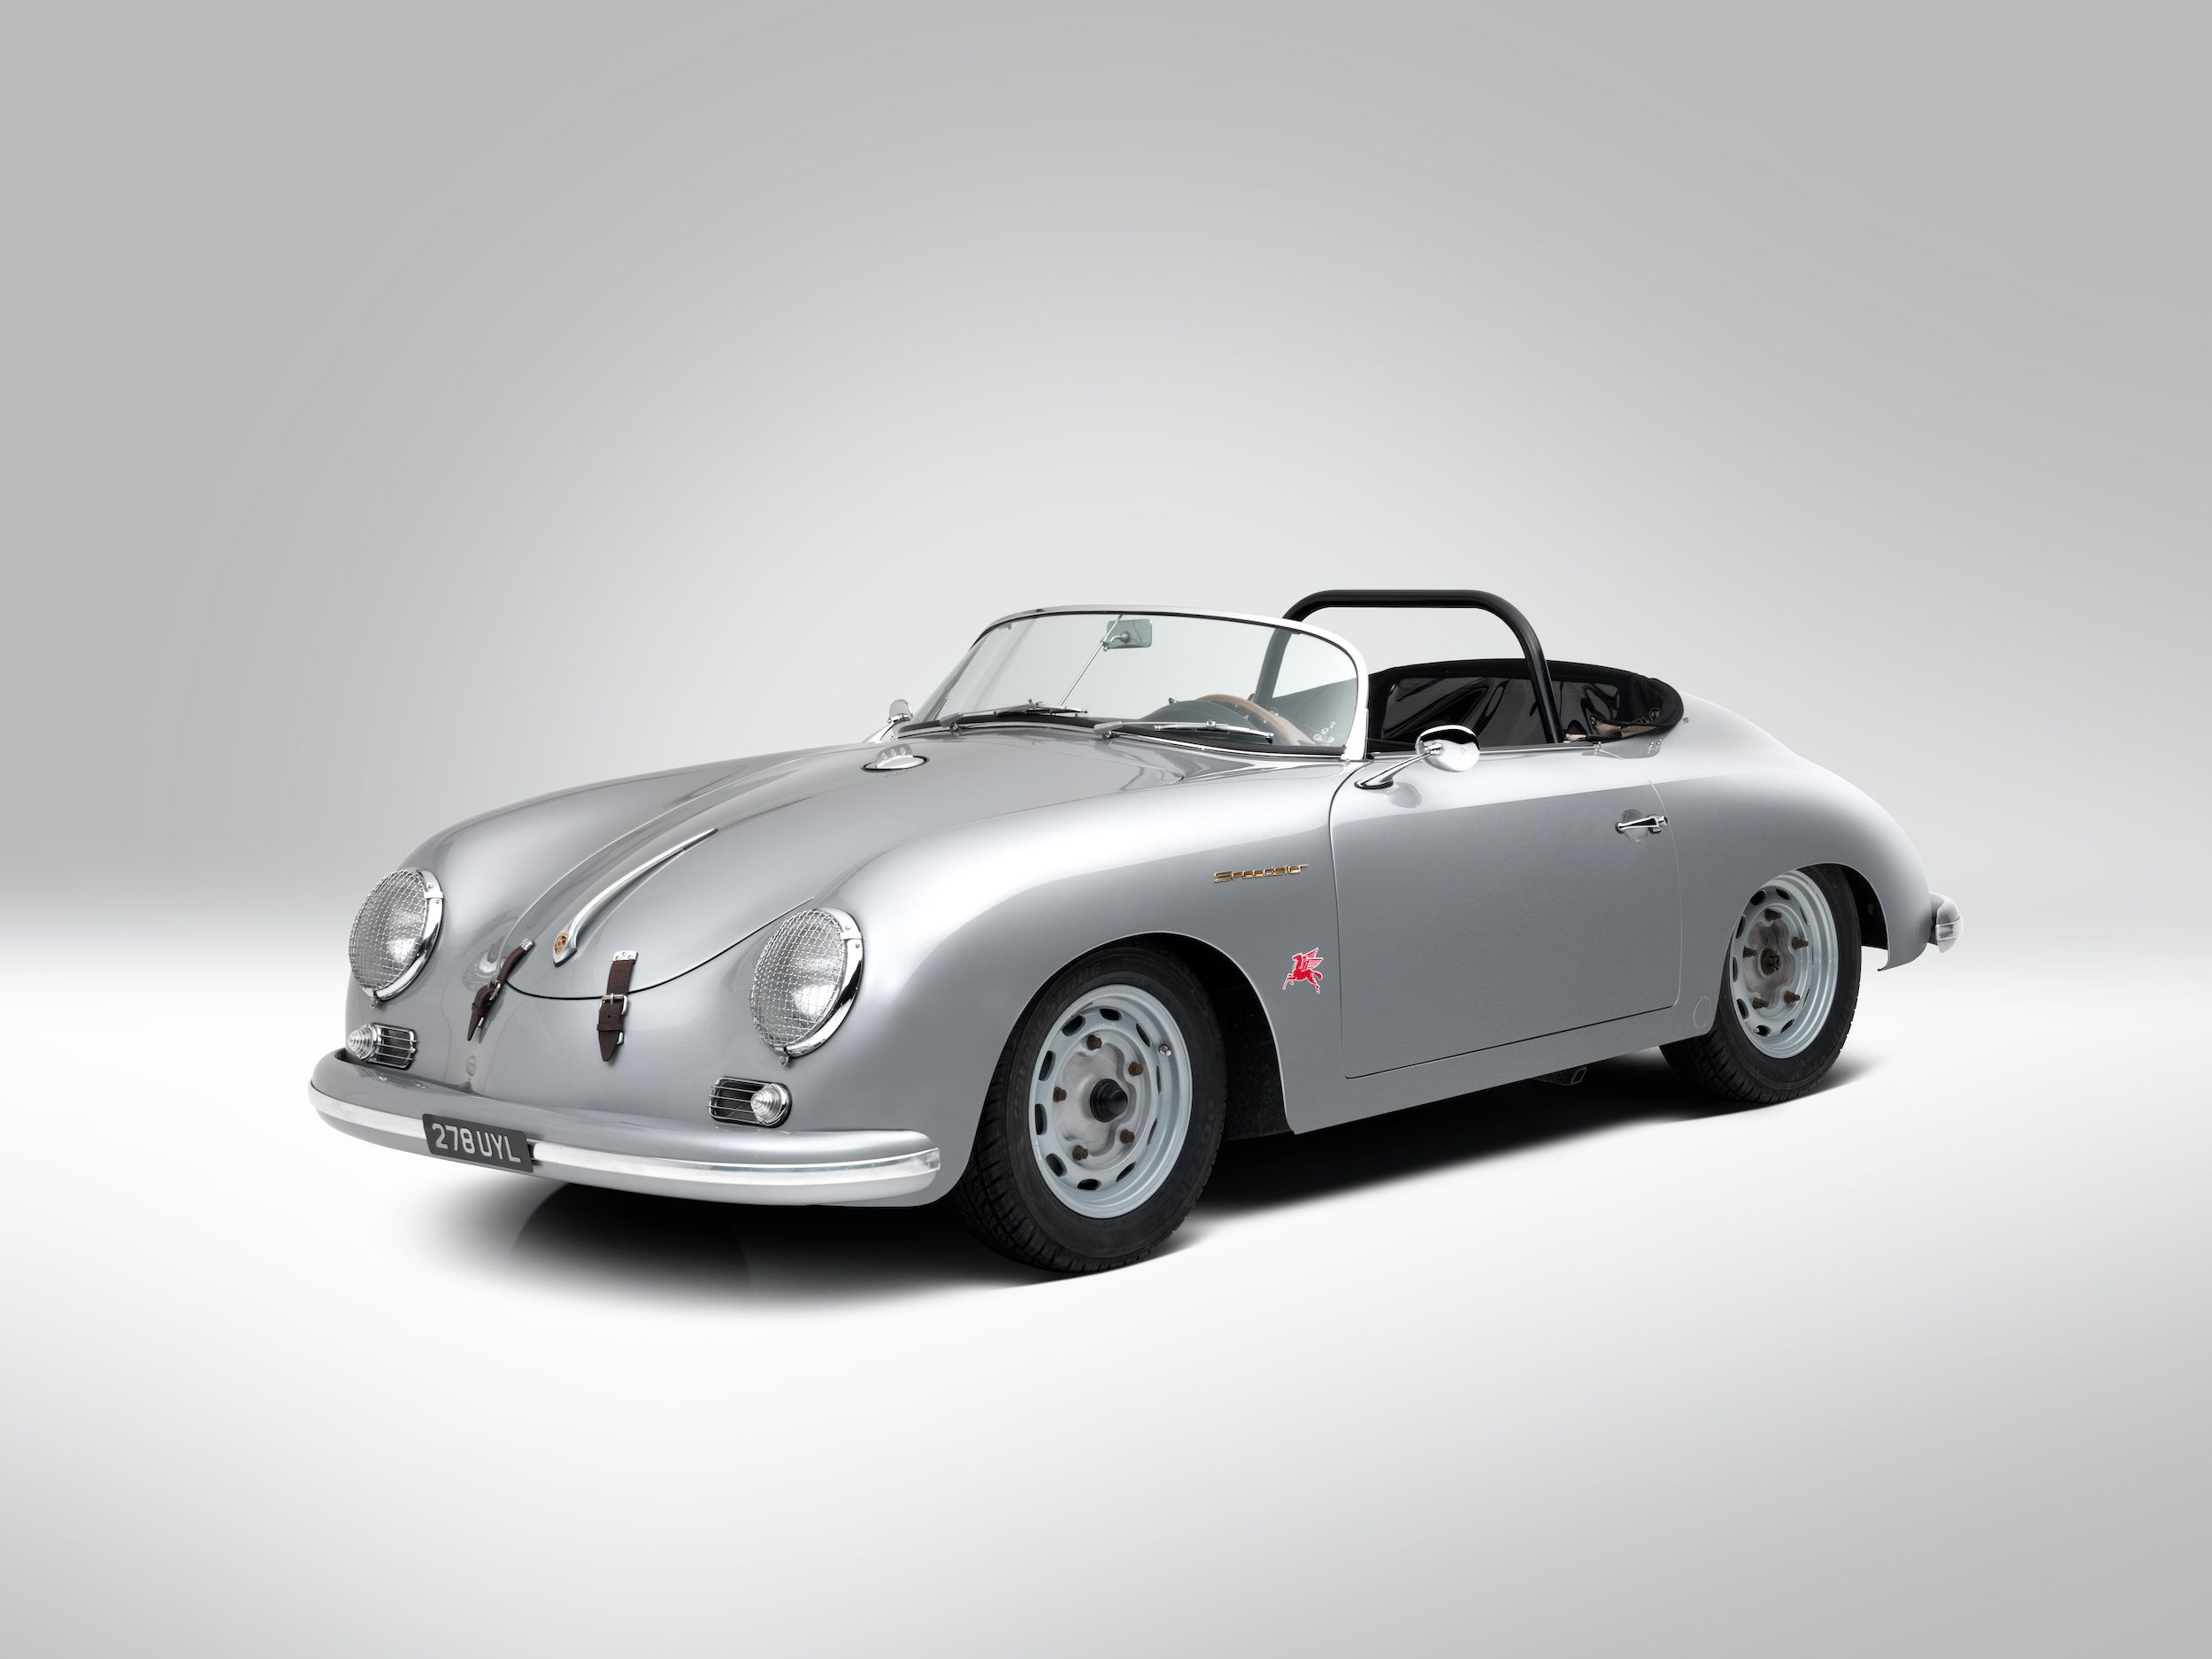 hight resolution of 1958 porsche 356 a 1600 super speedster